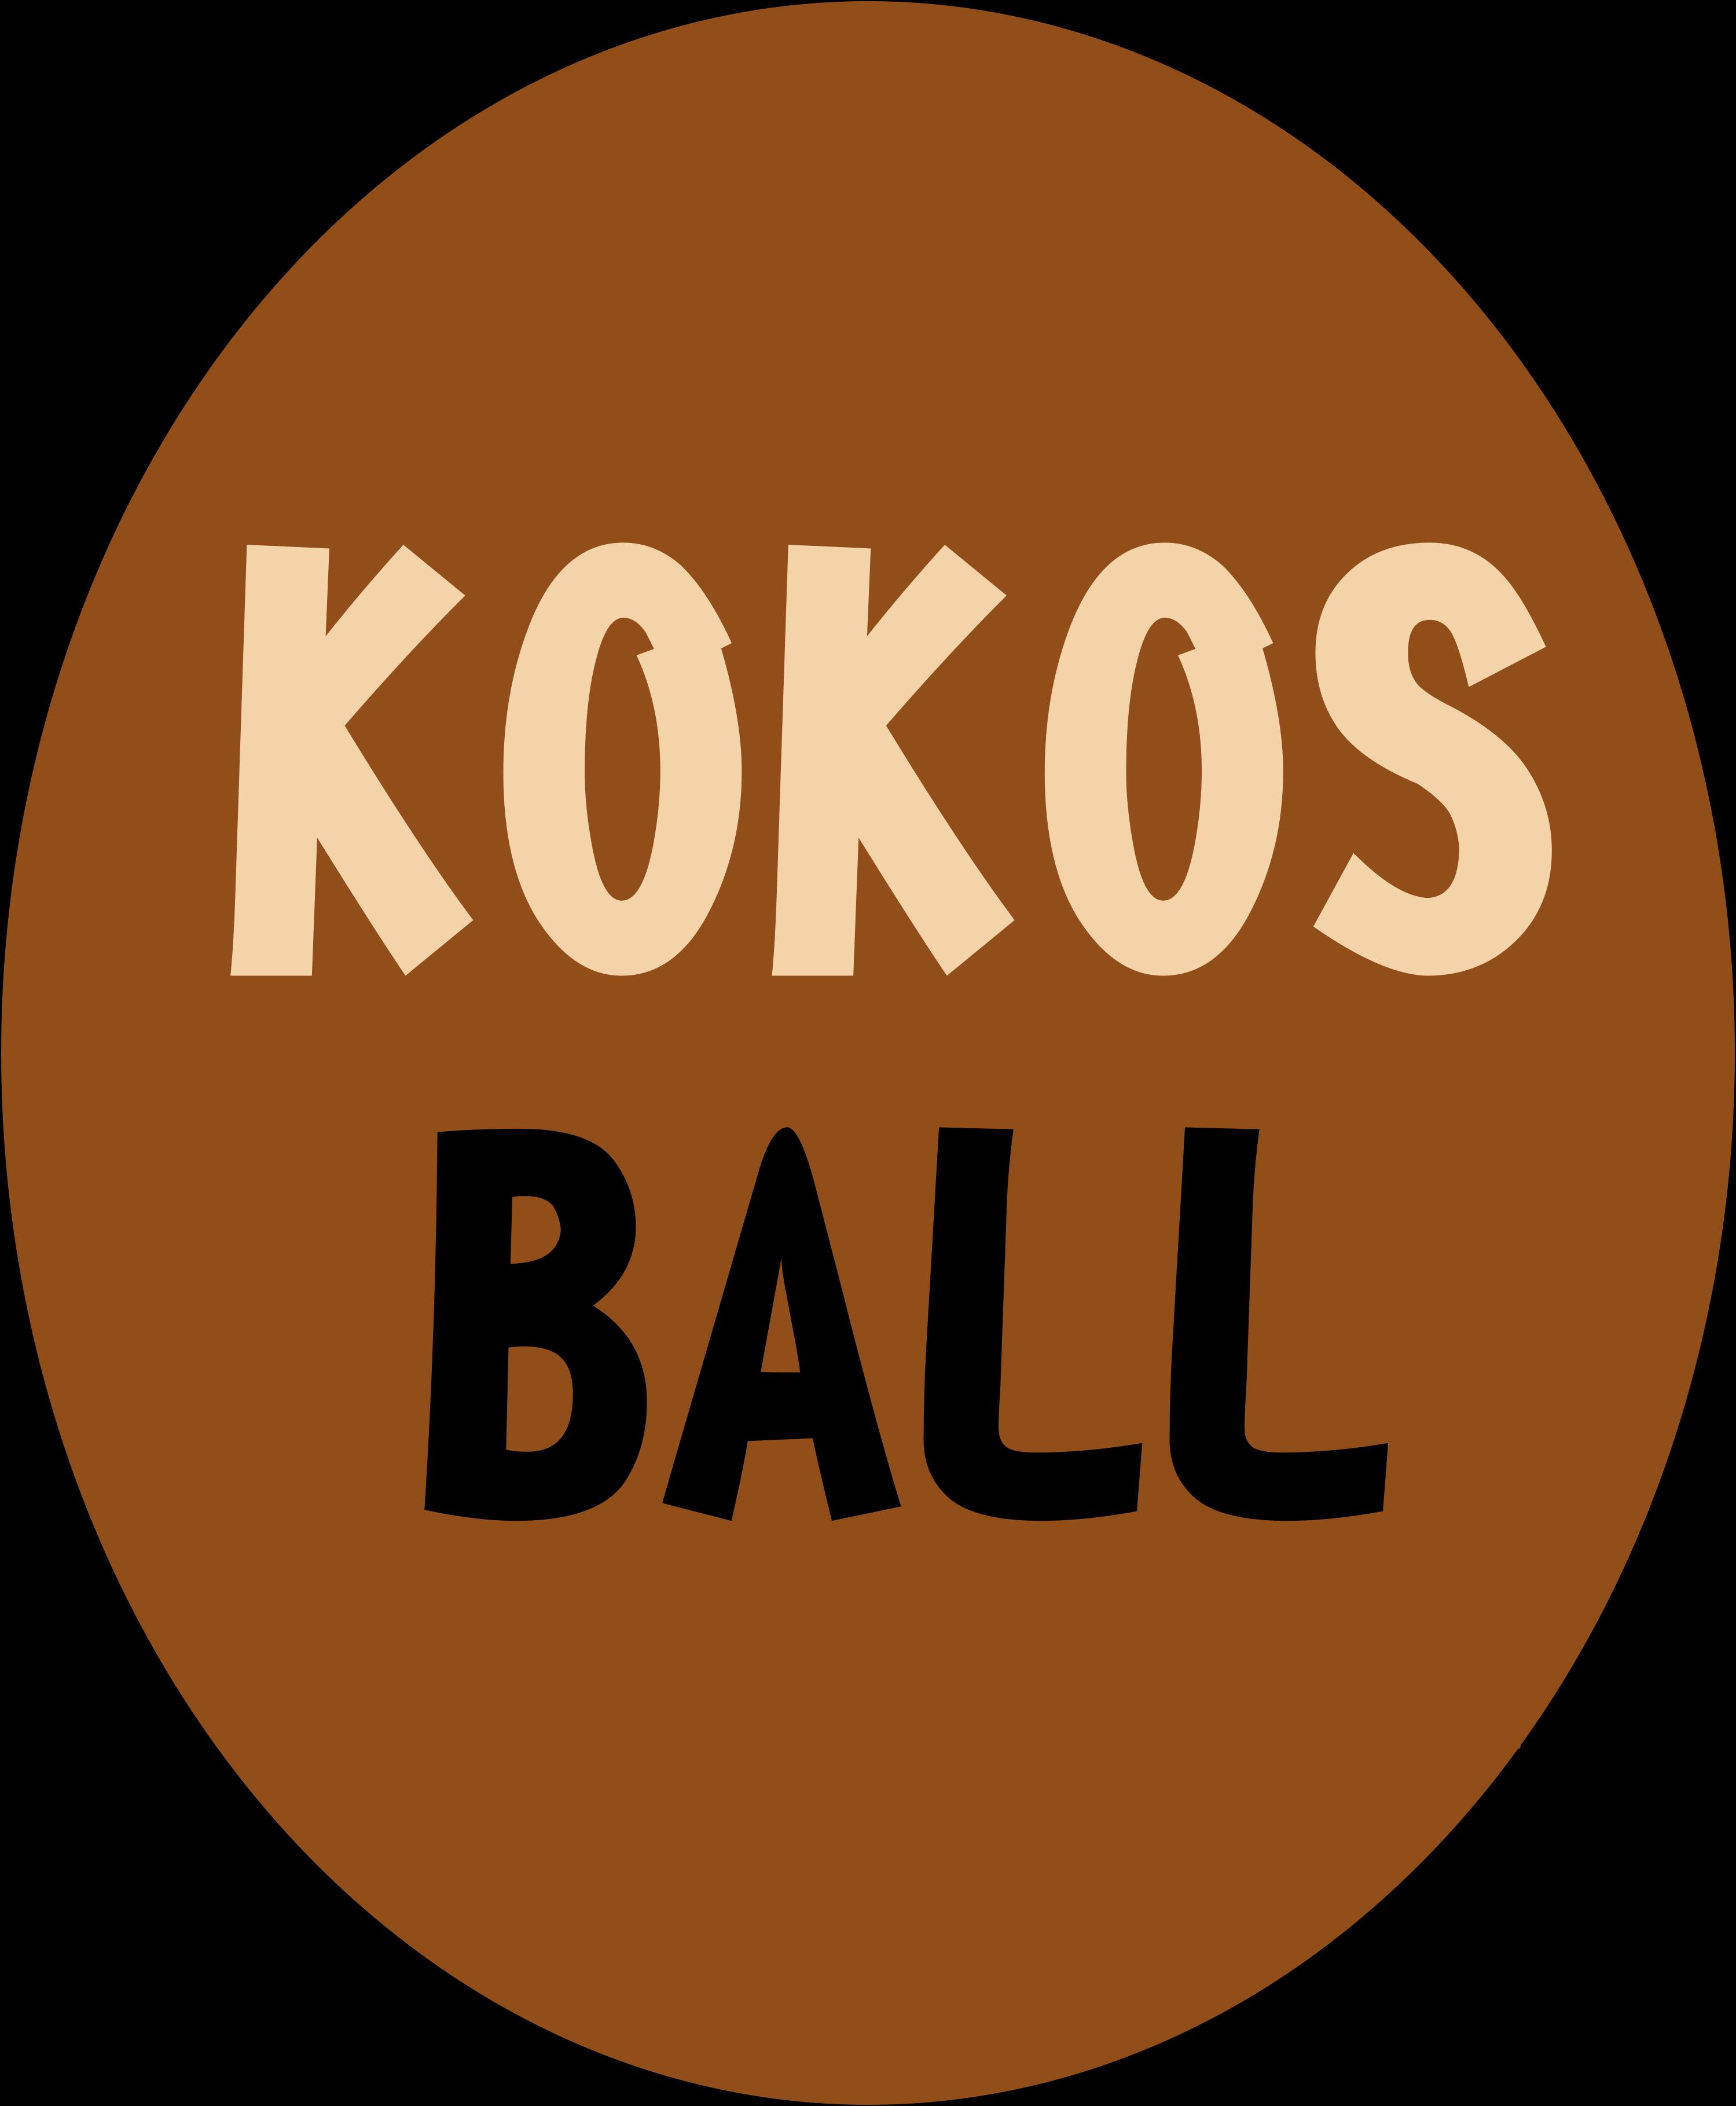 Kokosball